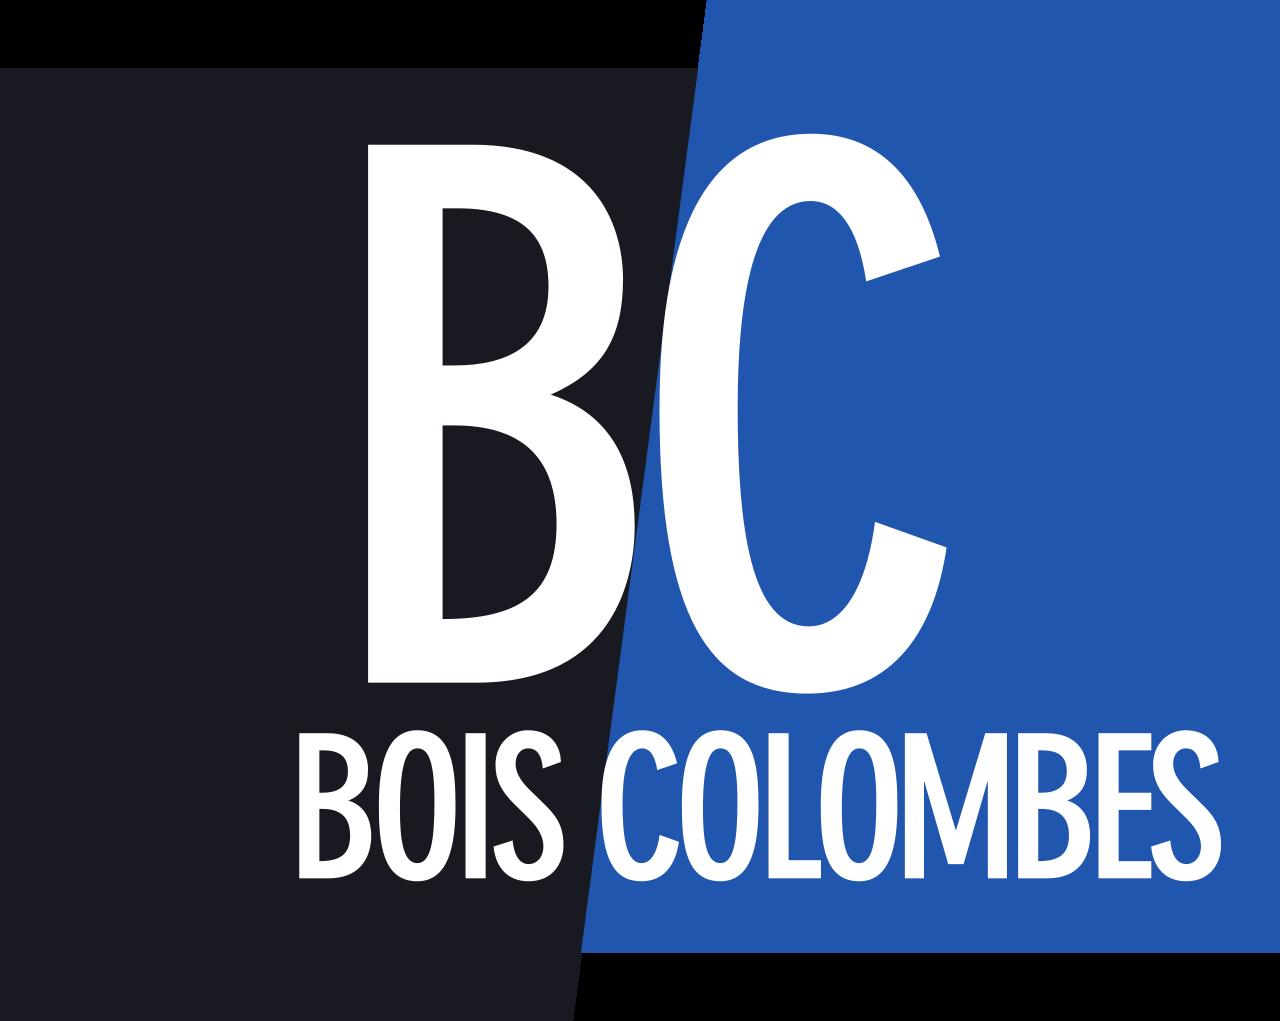 ville partenaire E2C 92 - Bois Colombes